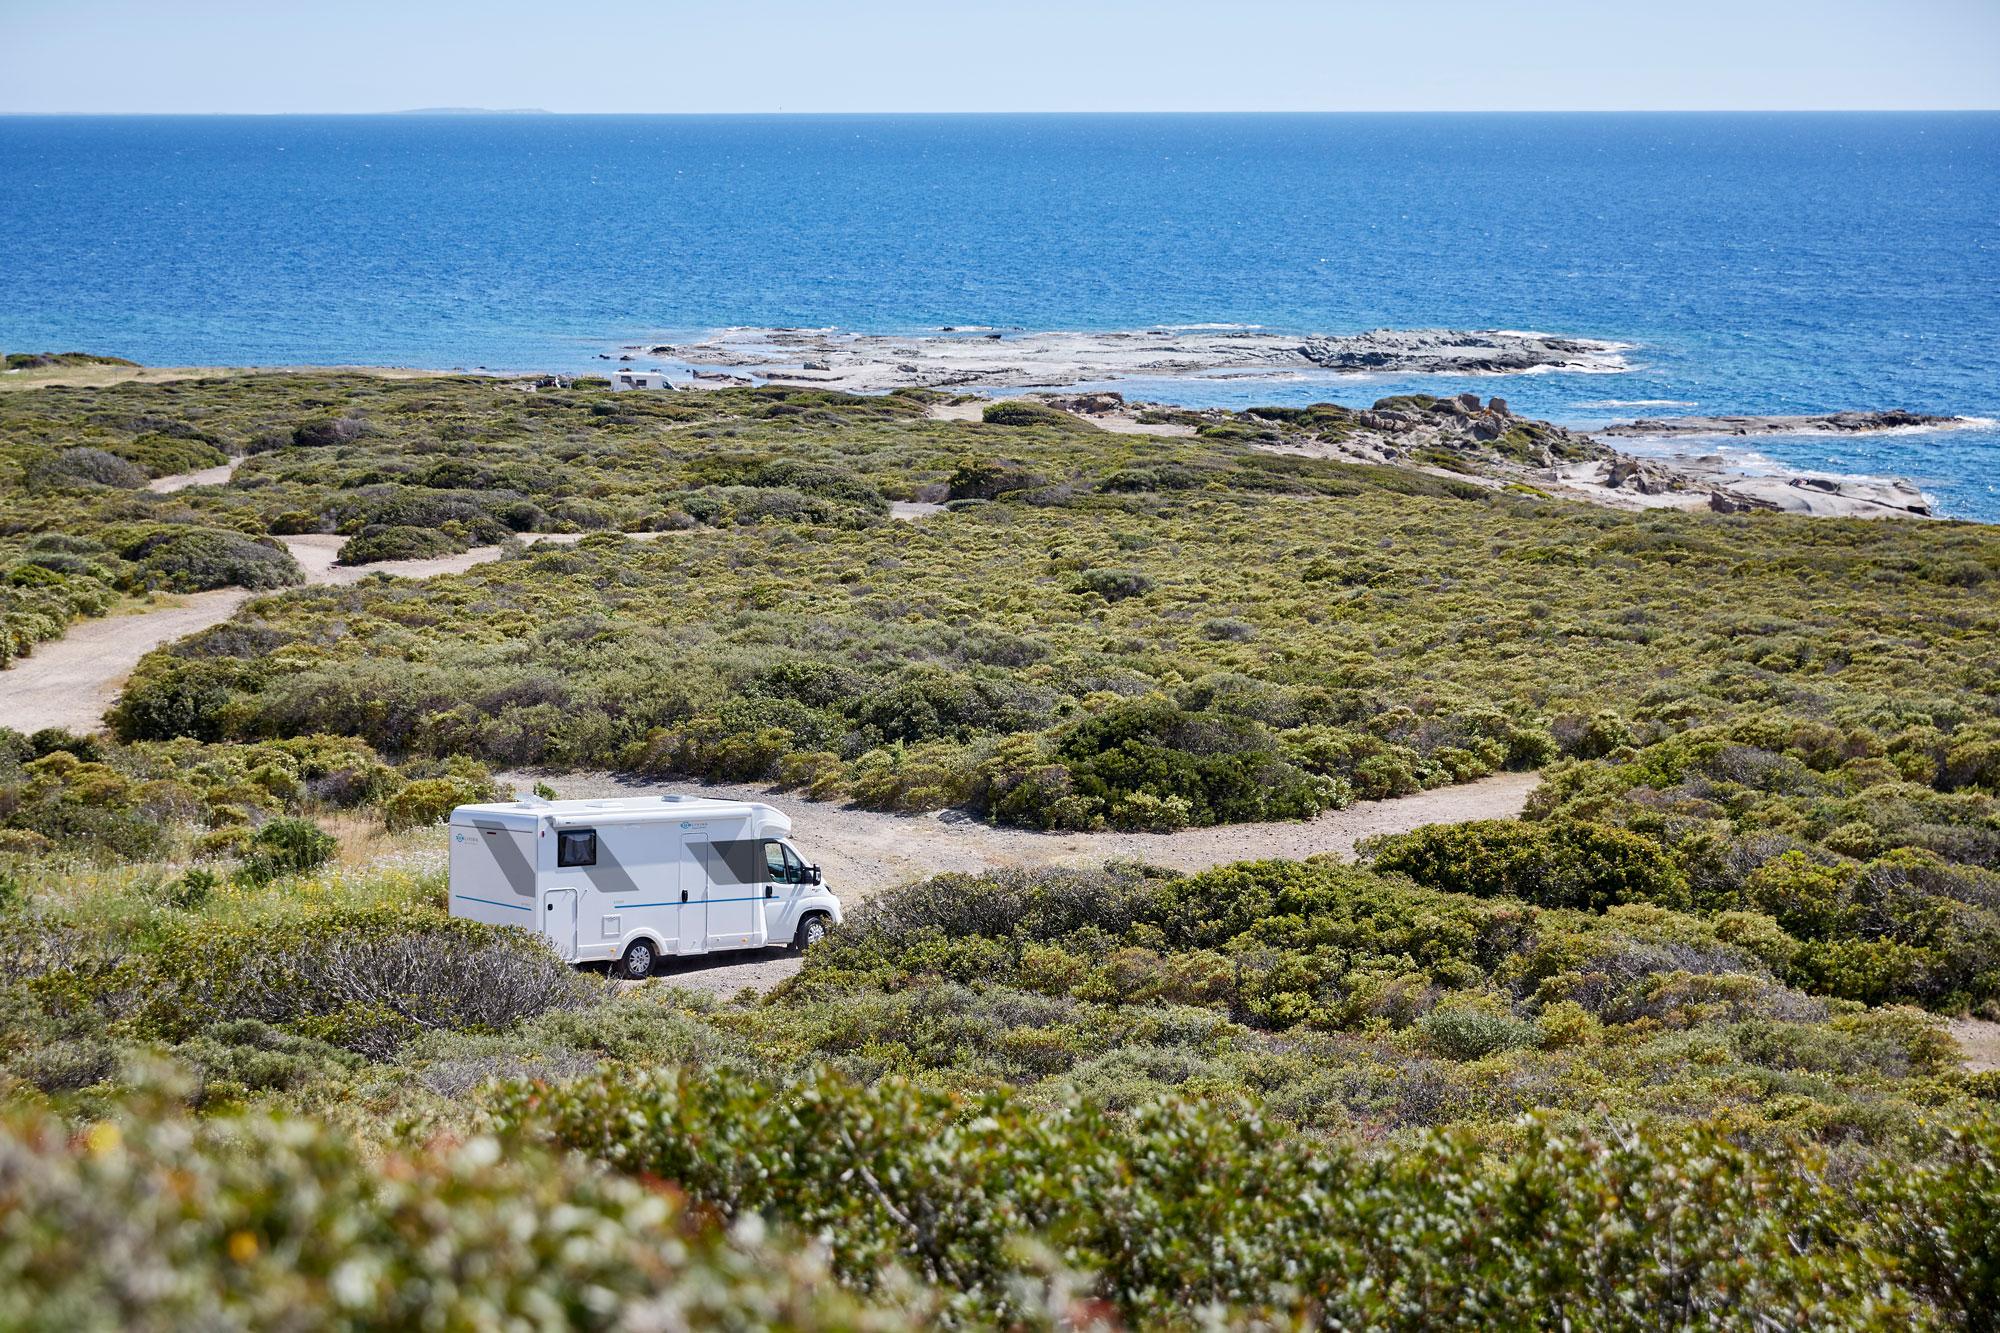 Sun Living Wohnmobil steht vor dem Meer in schroffer Landschaft